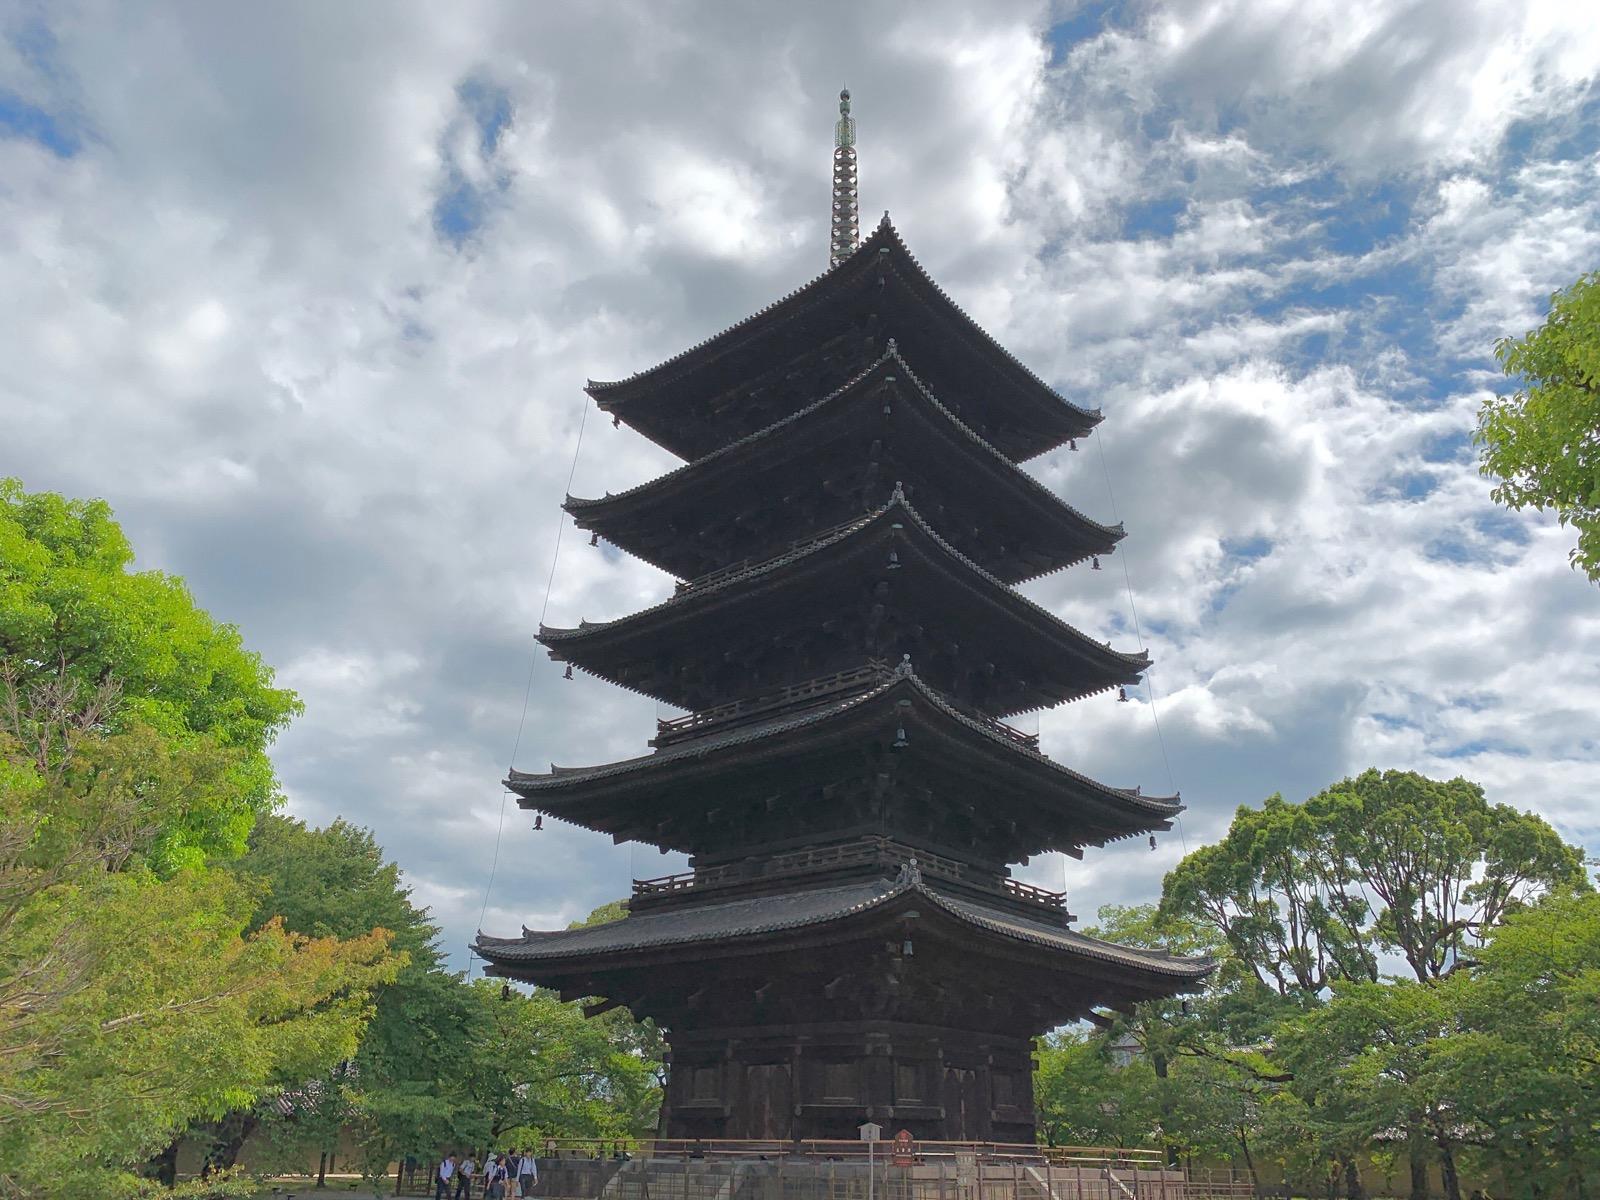 東寺の五重塔 kyoto